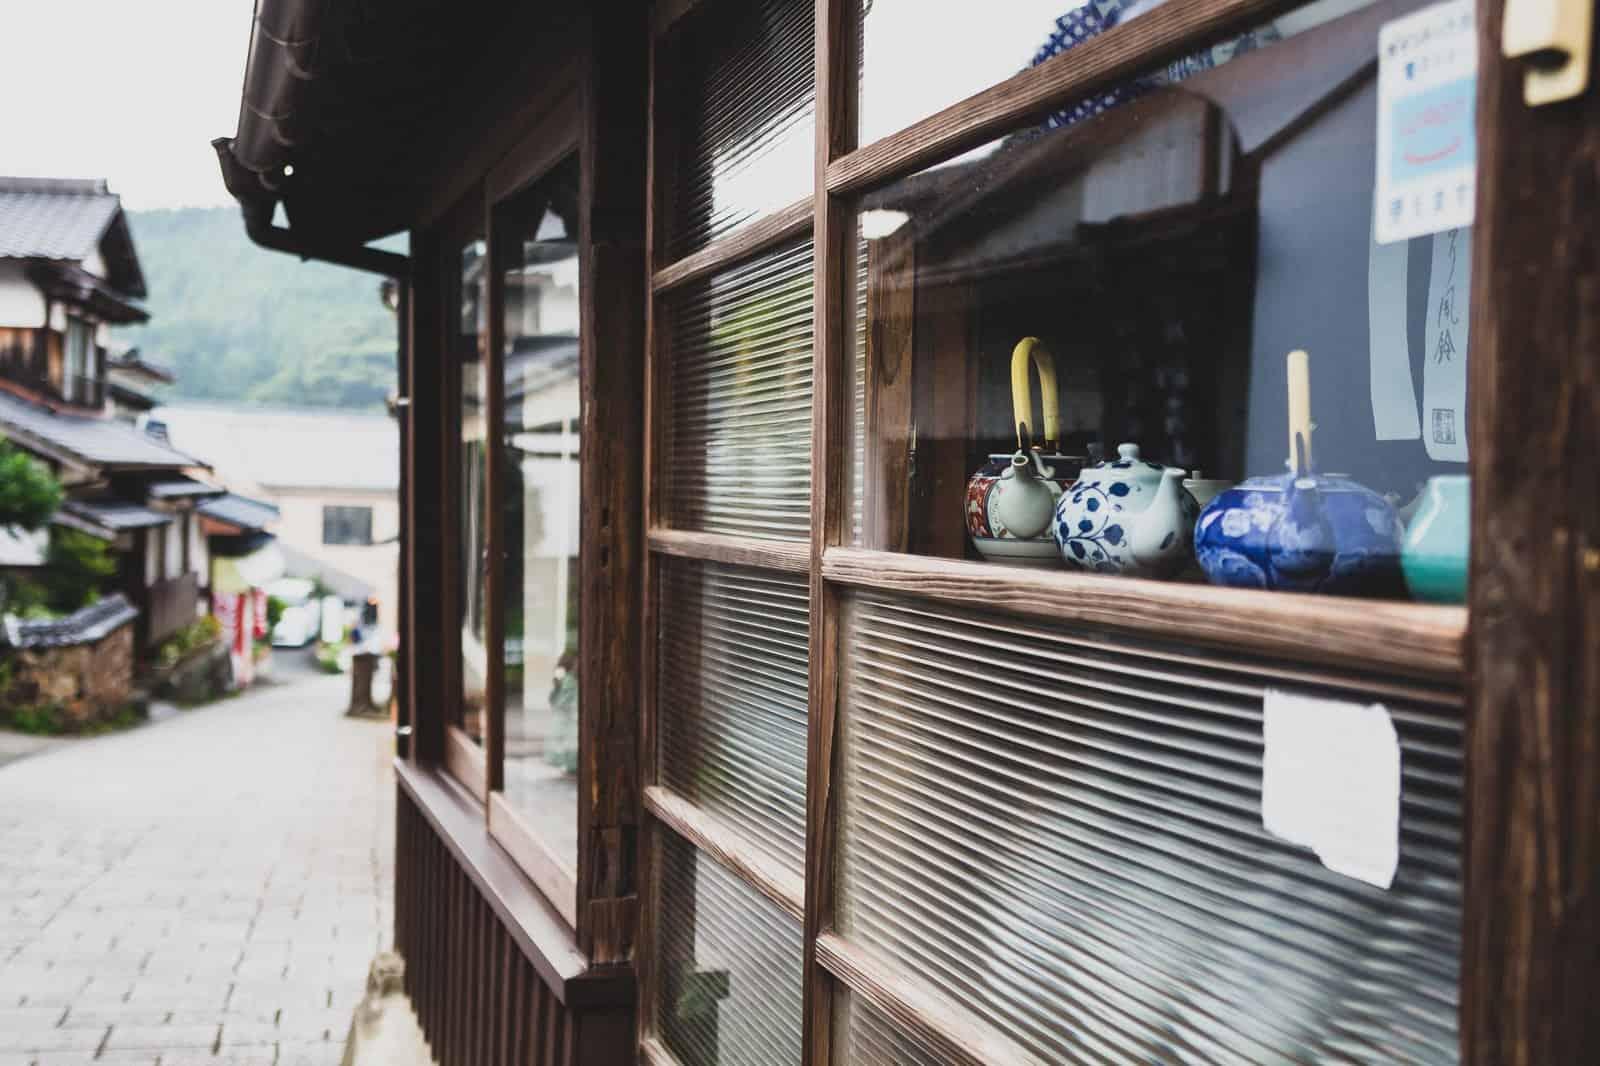 ร้านค้าและสถานที่ทำเวิร์คช็อปมากมายในหมู่บ้าน Okawachiyama Village จังหวัดซากะ